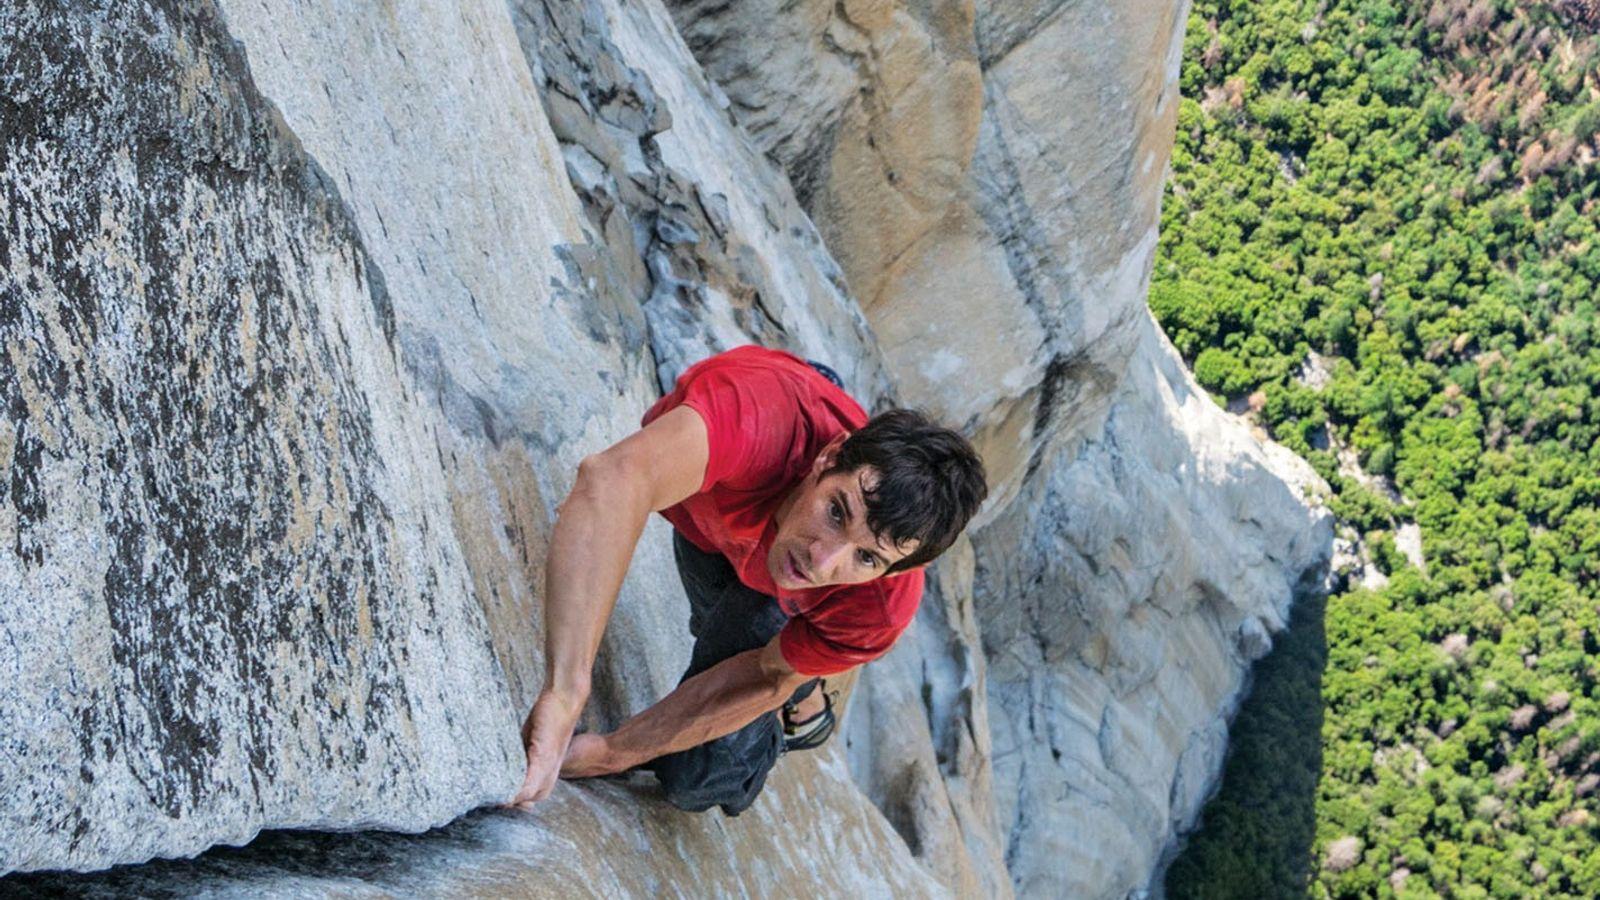 Jimmy Chin tirou essa fotografia de Alex Honnold ao se aproximar do topo do El Capitan.